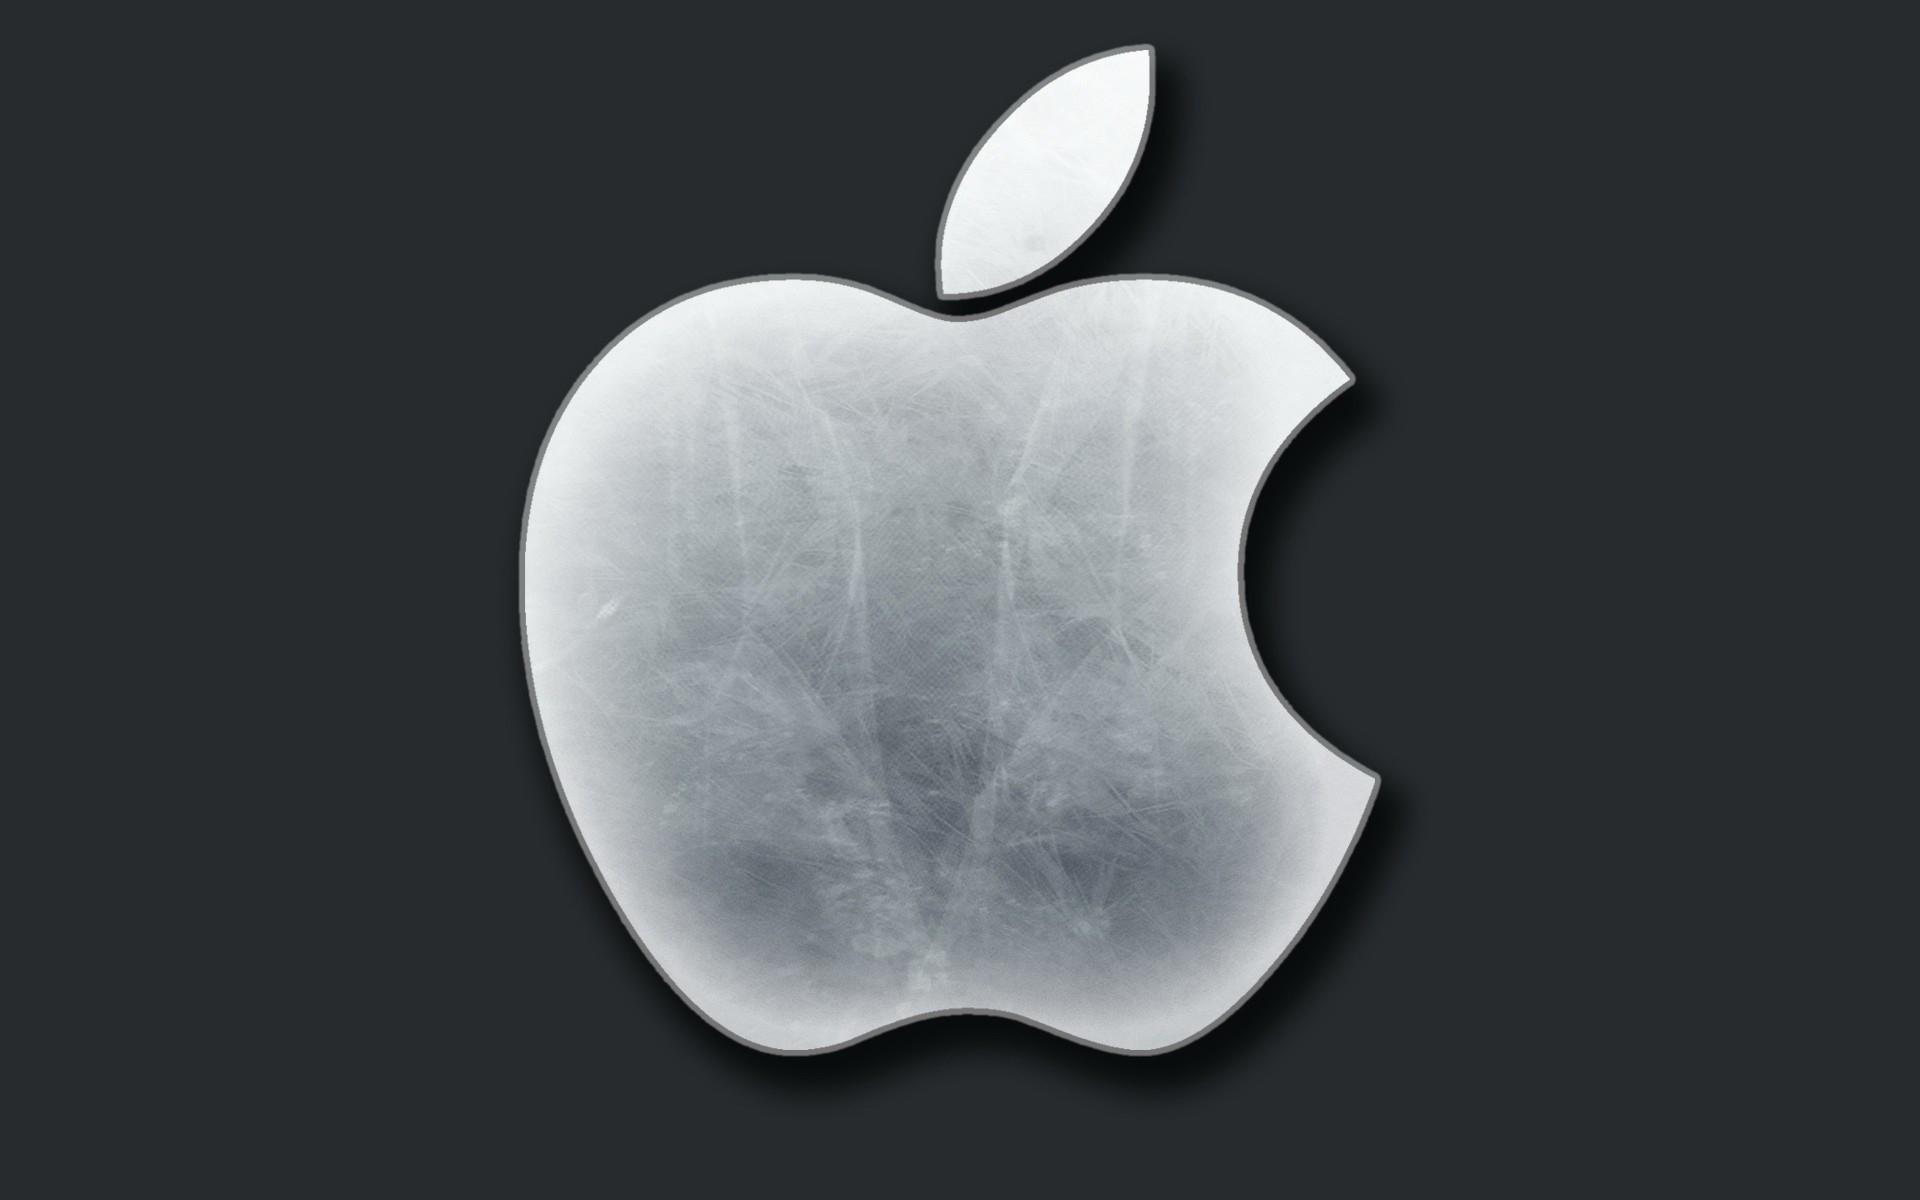 красивые картинки бренда яблока айфона есть каждом борделе